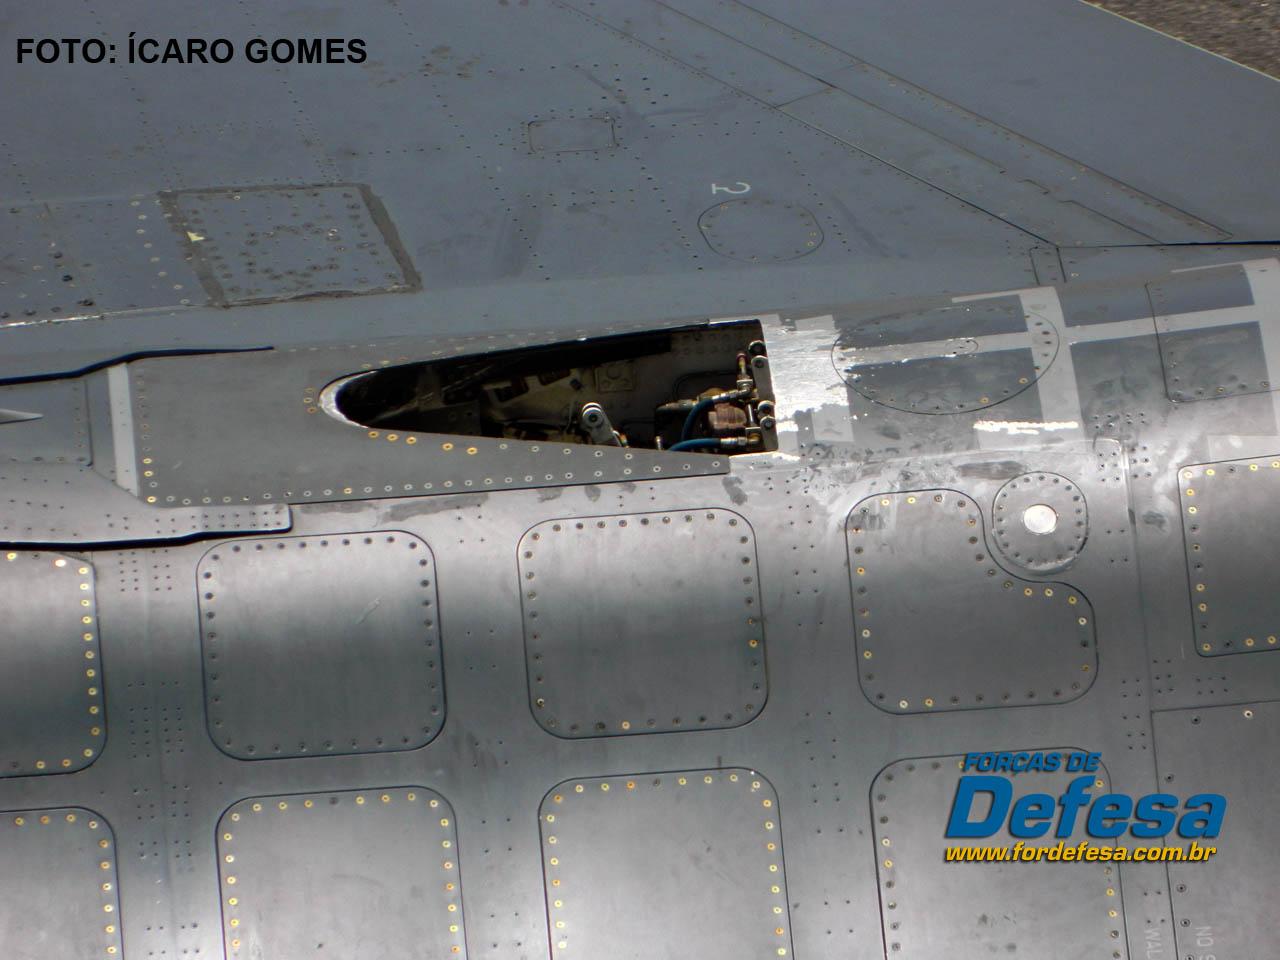 detalhe do F-16 CRUZEX 2013 - foto Icaro